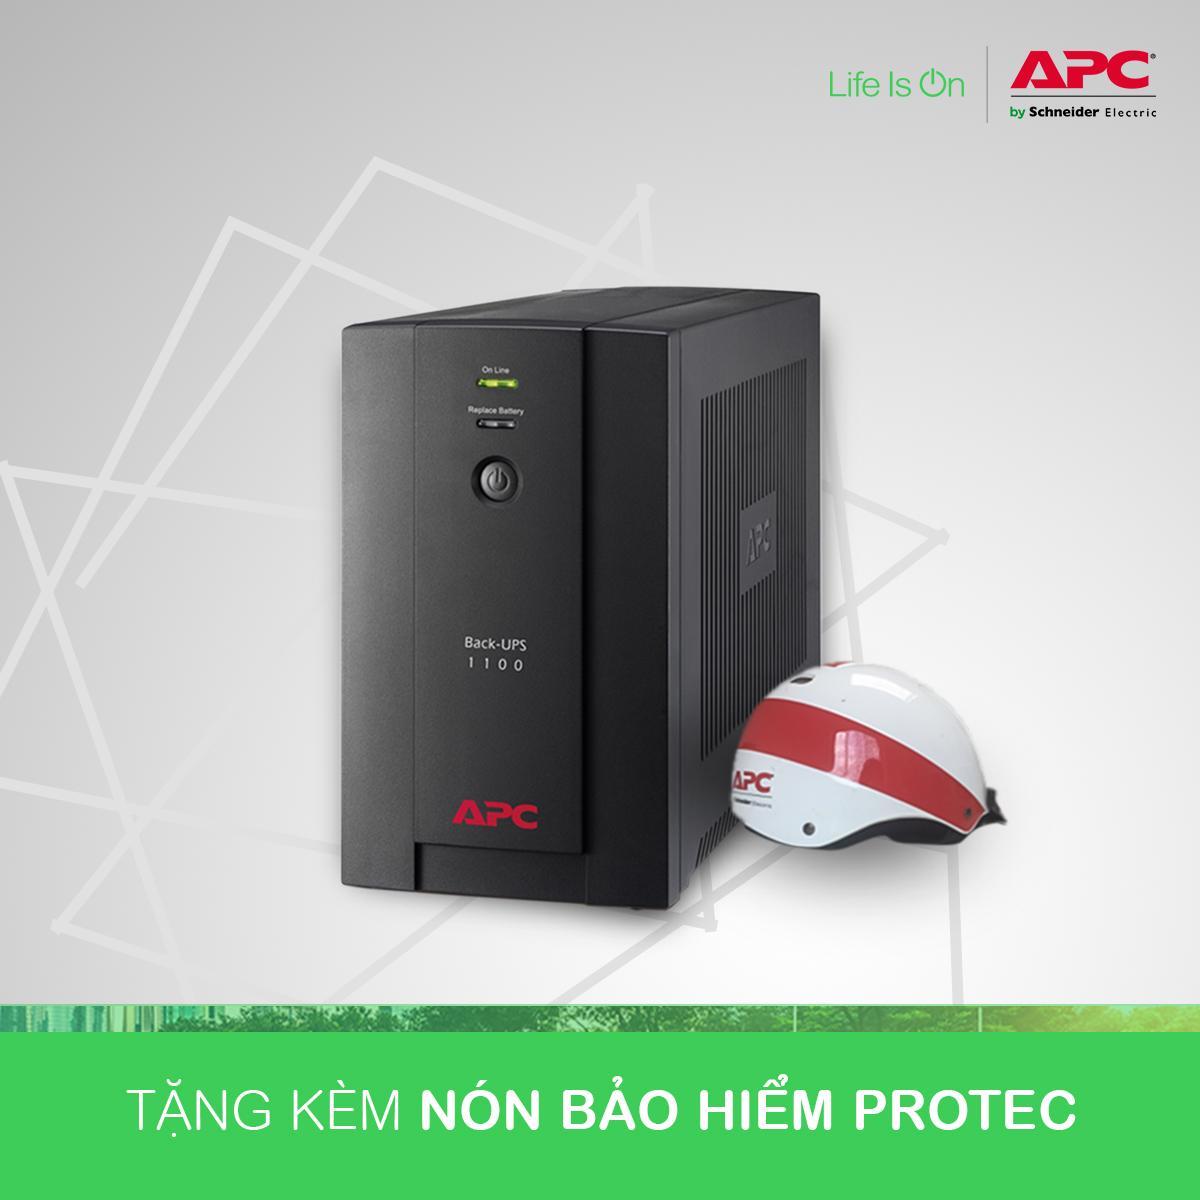 Bảng giá [Khuyến Mãi] - Bộ lưu điện:  Back-UPS 1100VA, 230V, AVR, Universal and IEC Sockets - BX1100LI-MS Phong Vũ